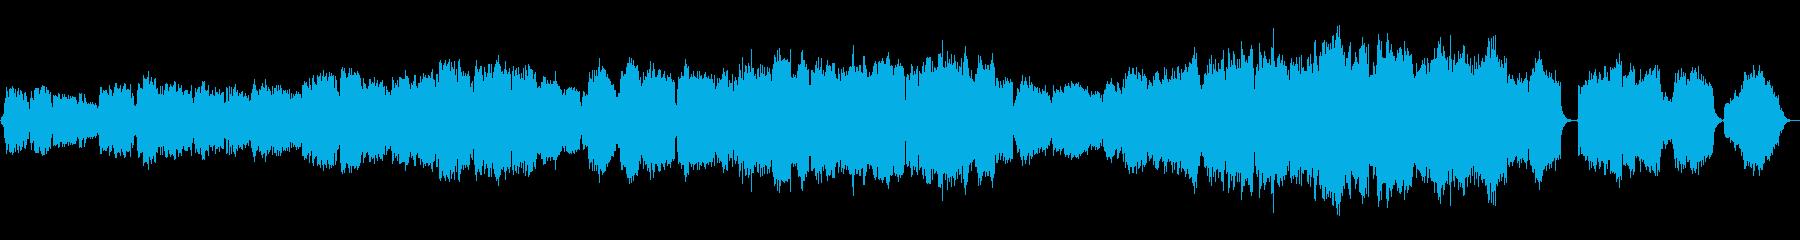 映像向けに合う、本格的なオーケストラ曲の再生済みの波形